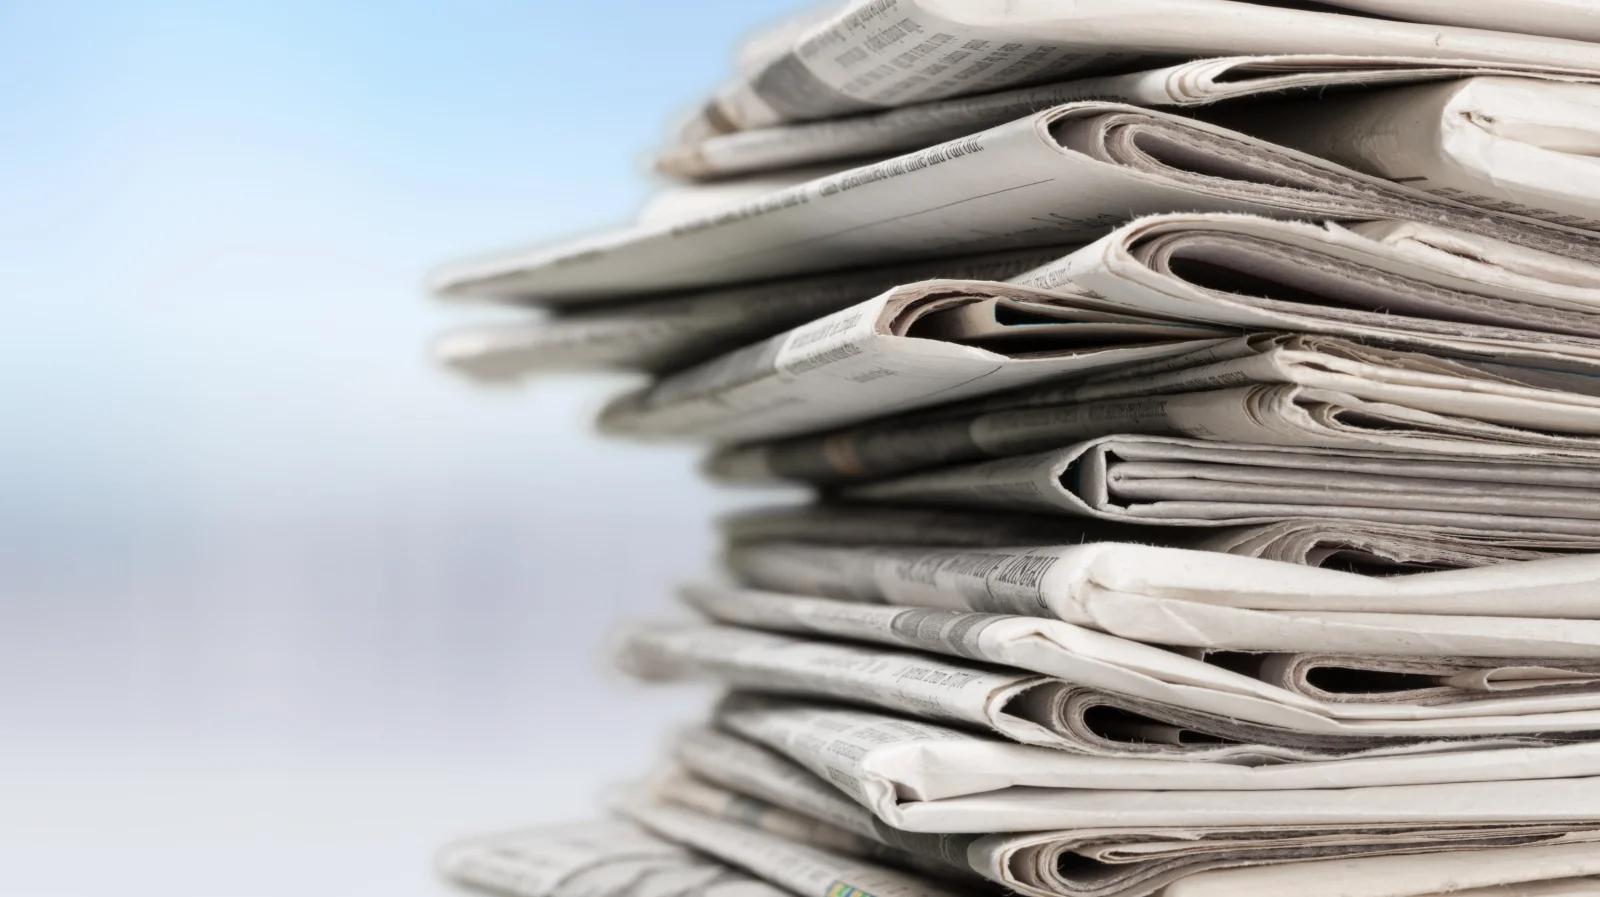 Jurnalismul britanic se confruntă cu o lipsă a diversității rasiale și a reprezentării femeilor